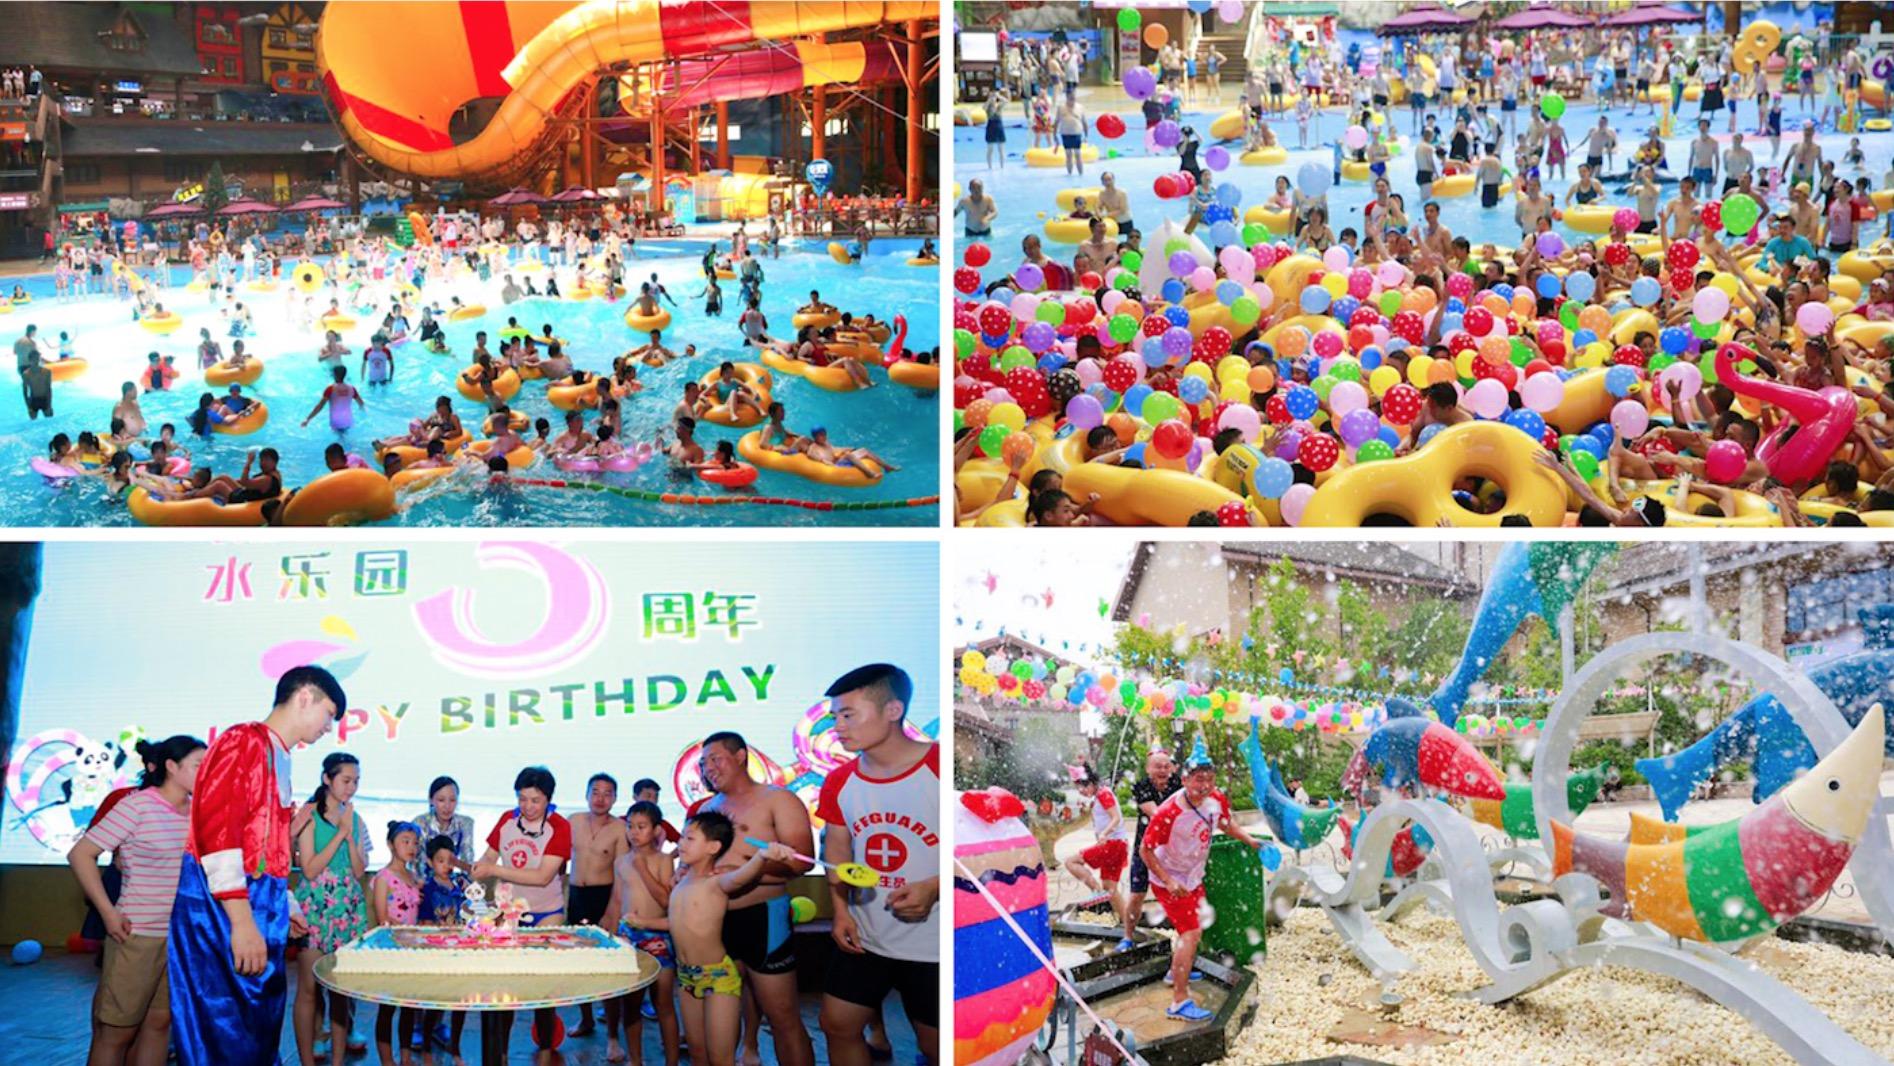 长白山万达水乐园三周年庆新推多项游乐设施